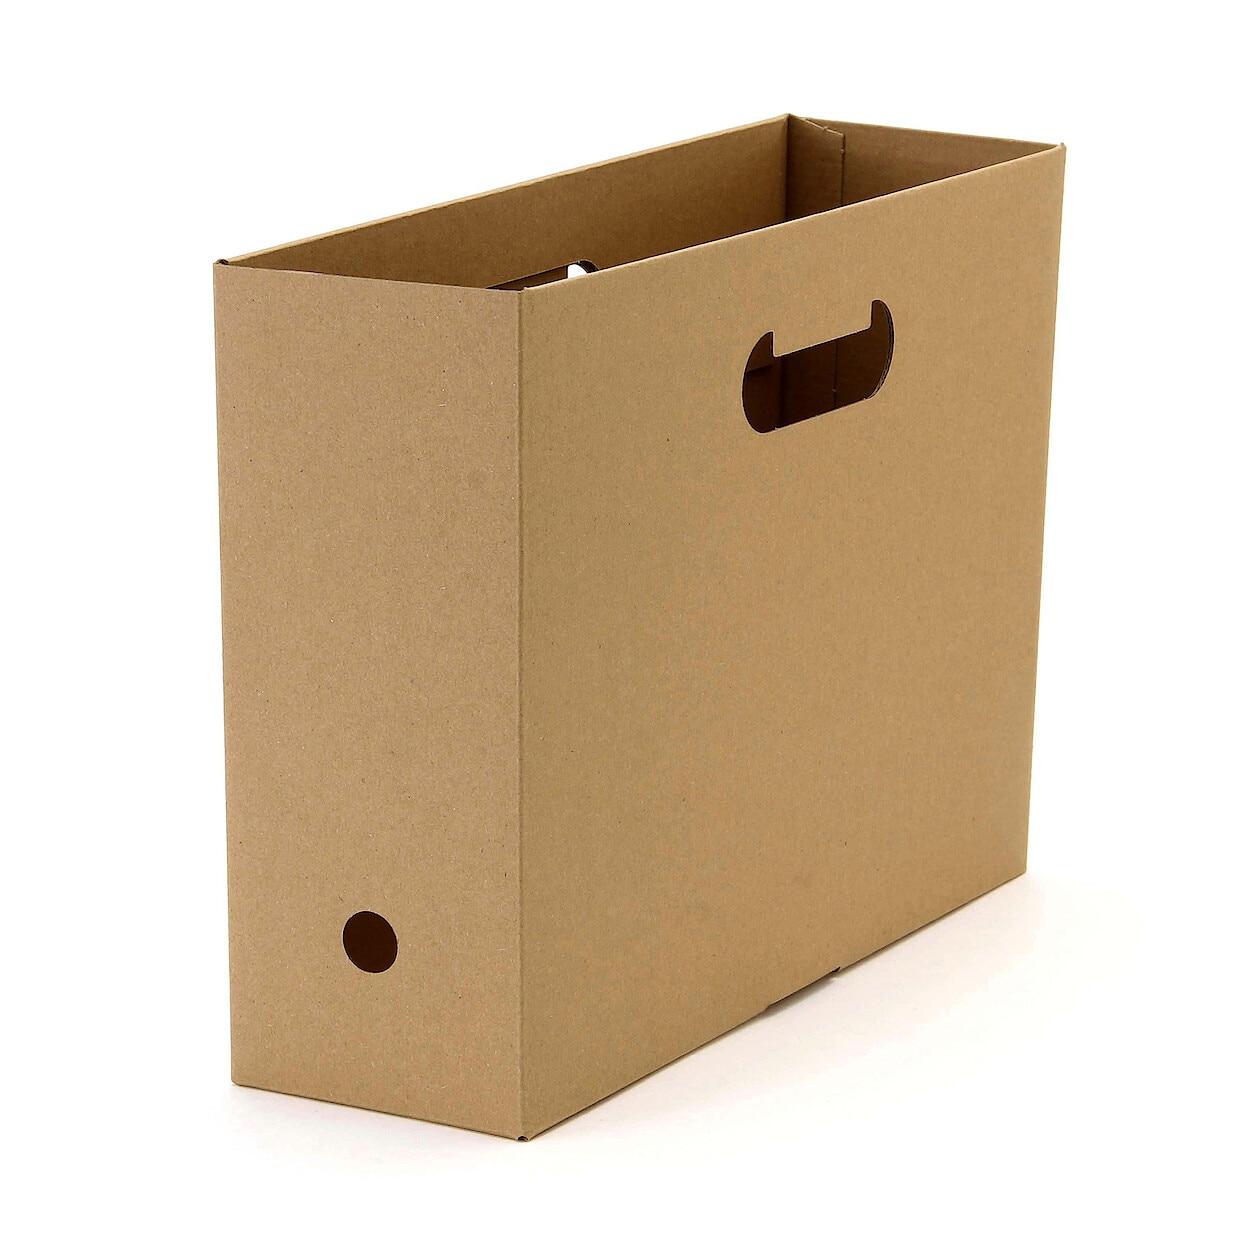 ワンタッチで組み立てられるダンボールファイルボックス A4用・5枚組